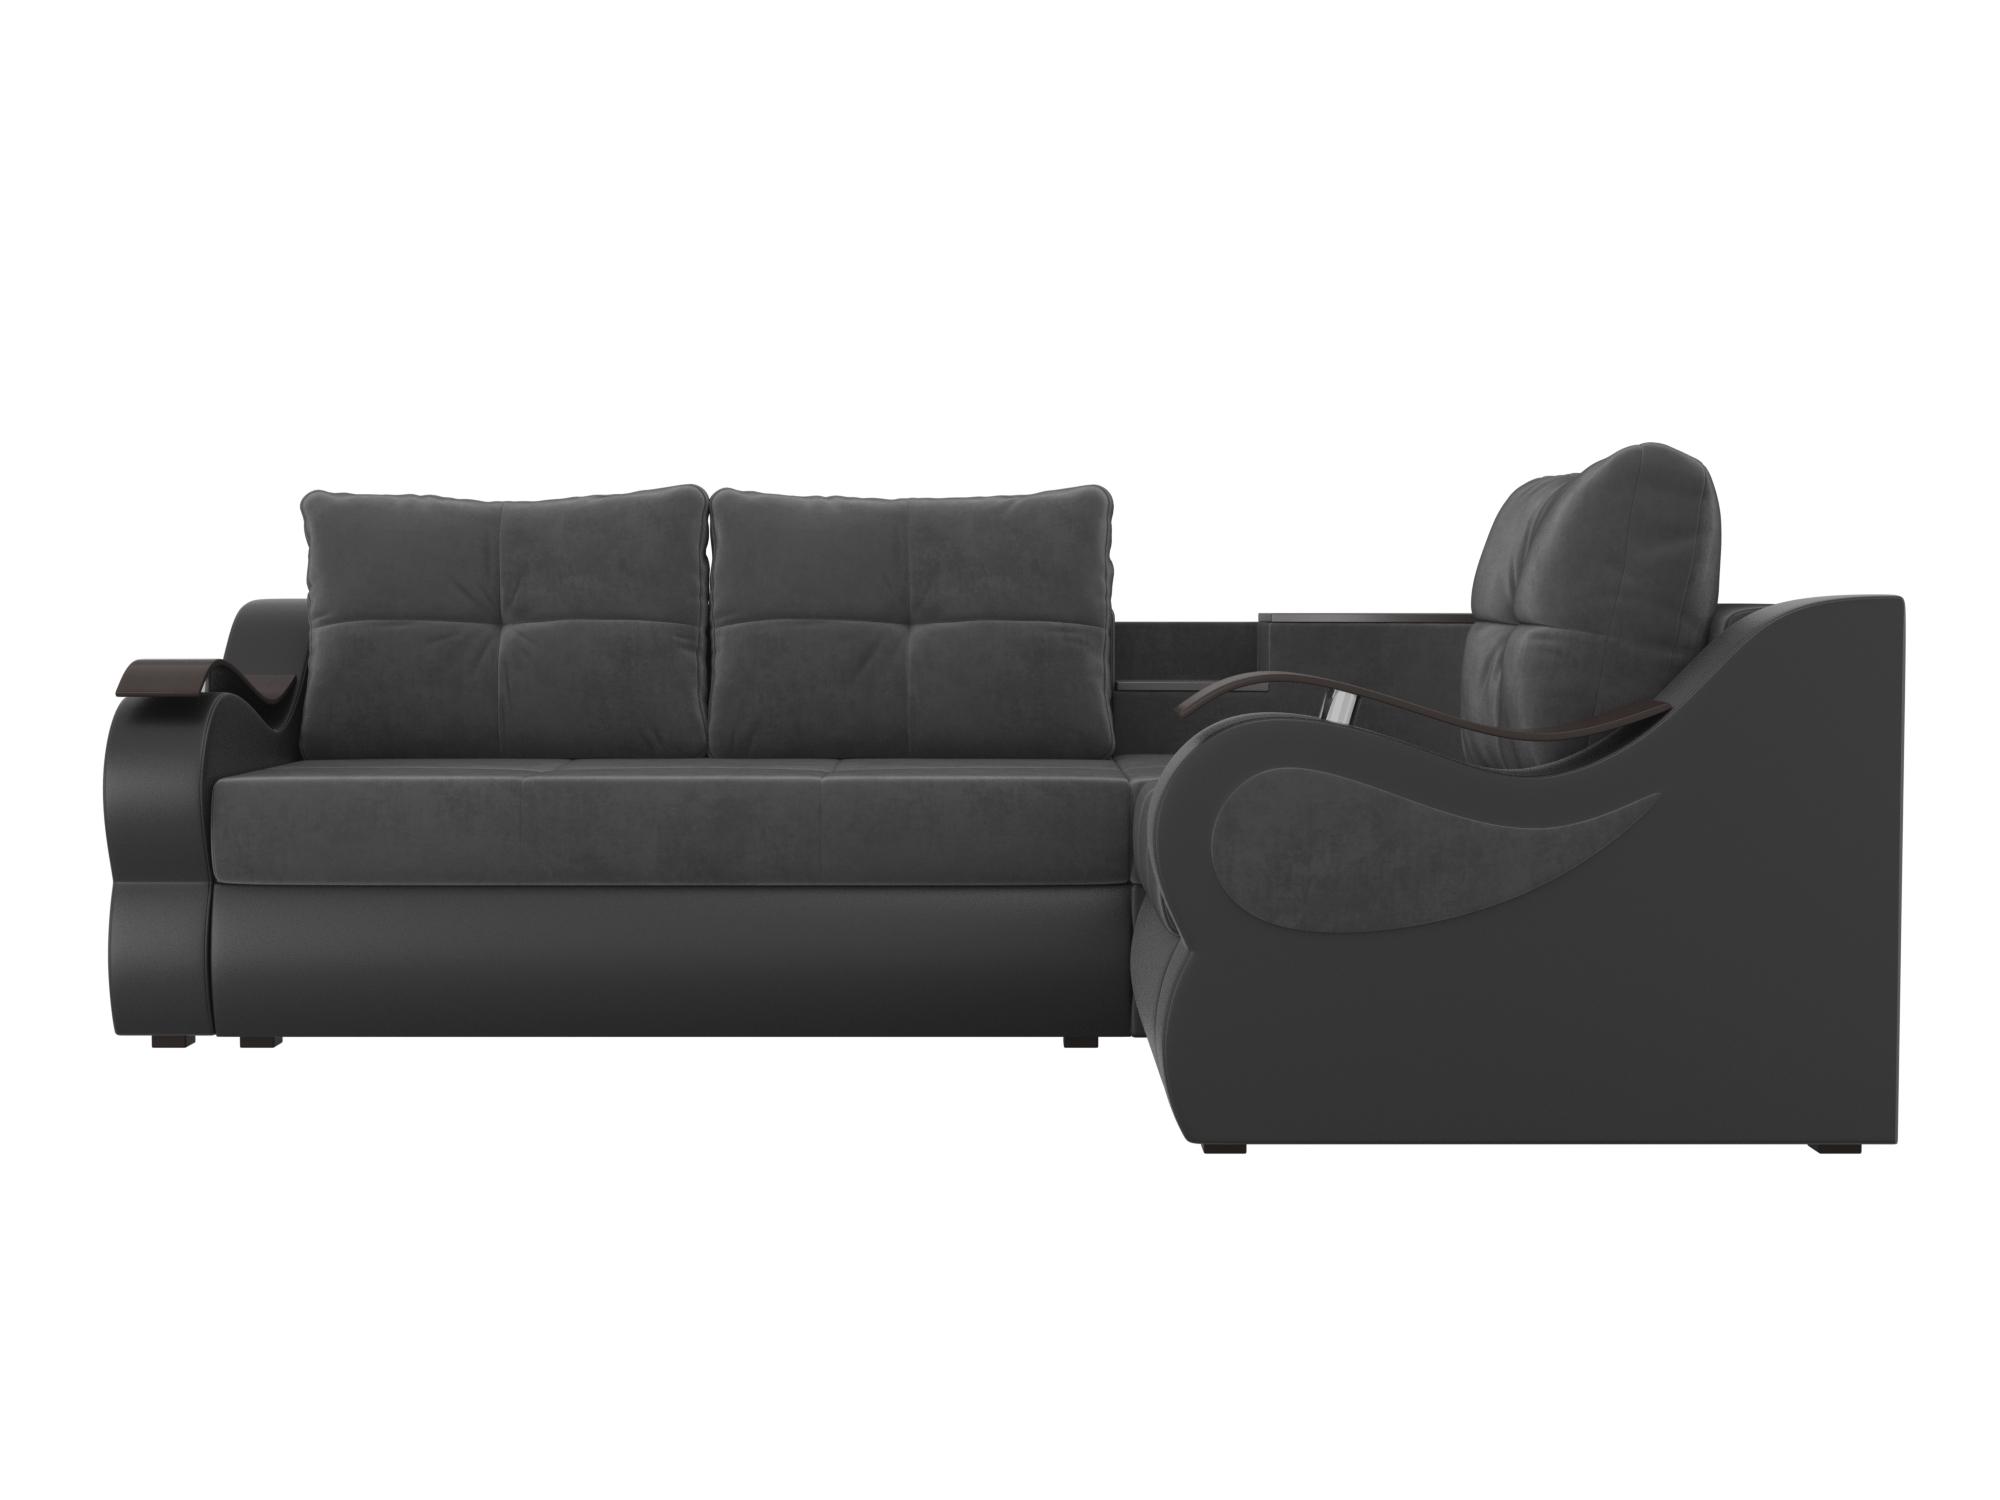 Угловой диван Митчелл Правый MebelVia Серый, Черный, Велюр, ЛДСП Серый, Черный